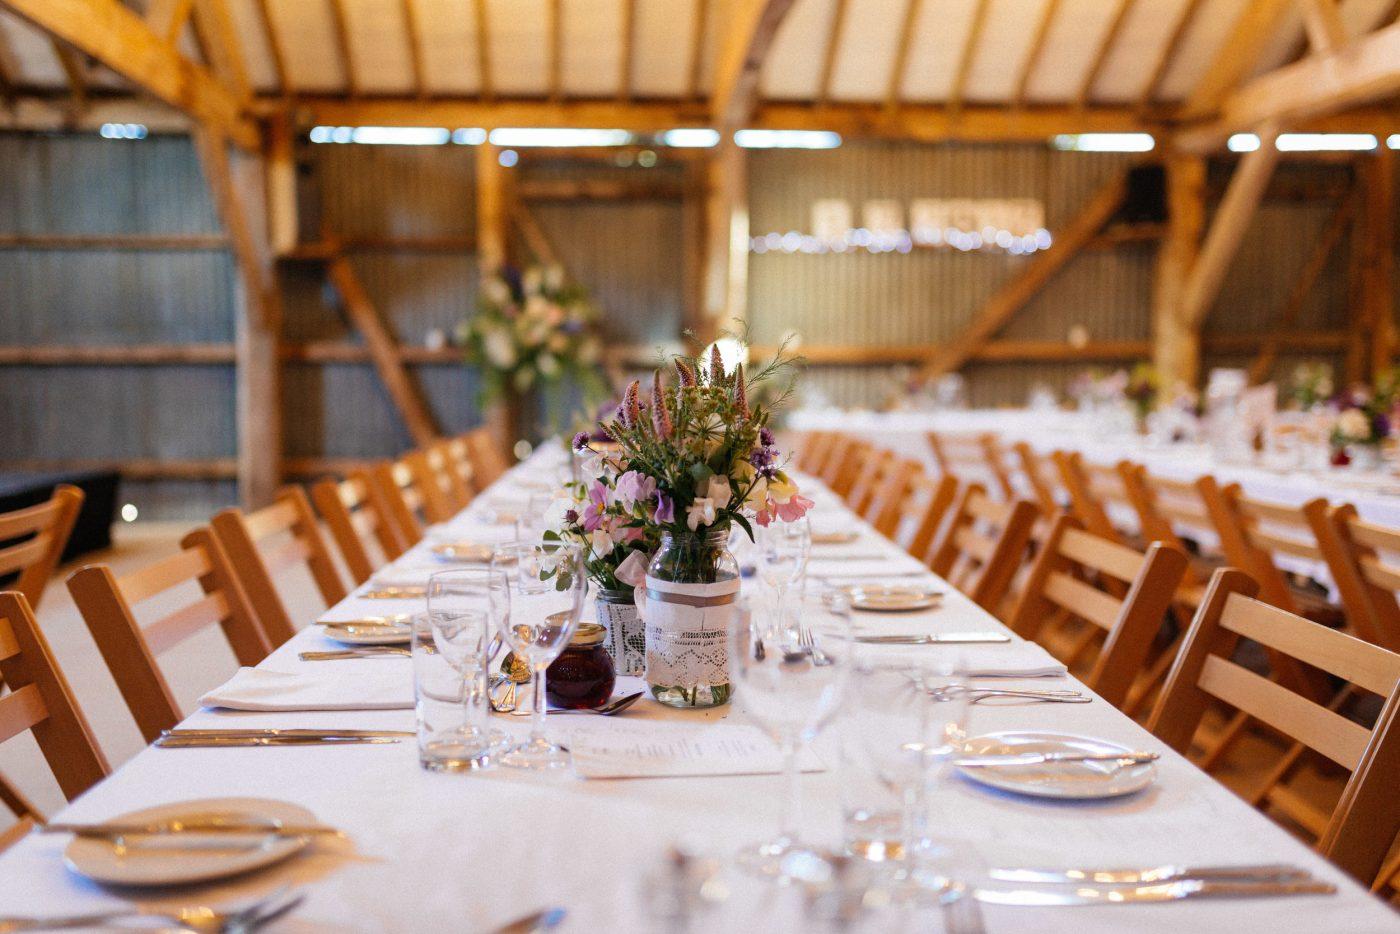 The Haybarn Wedding Venue